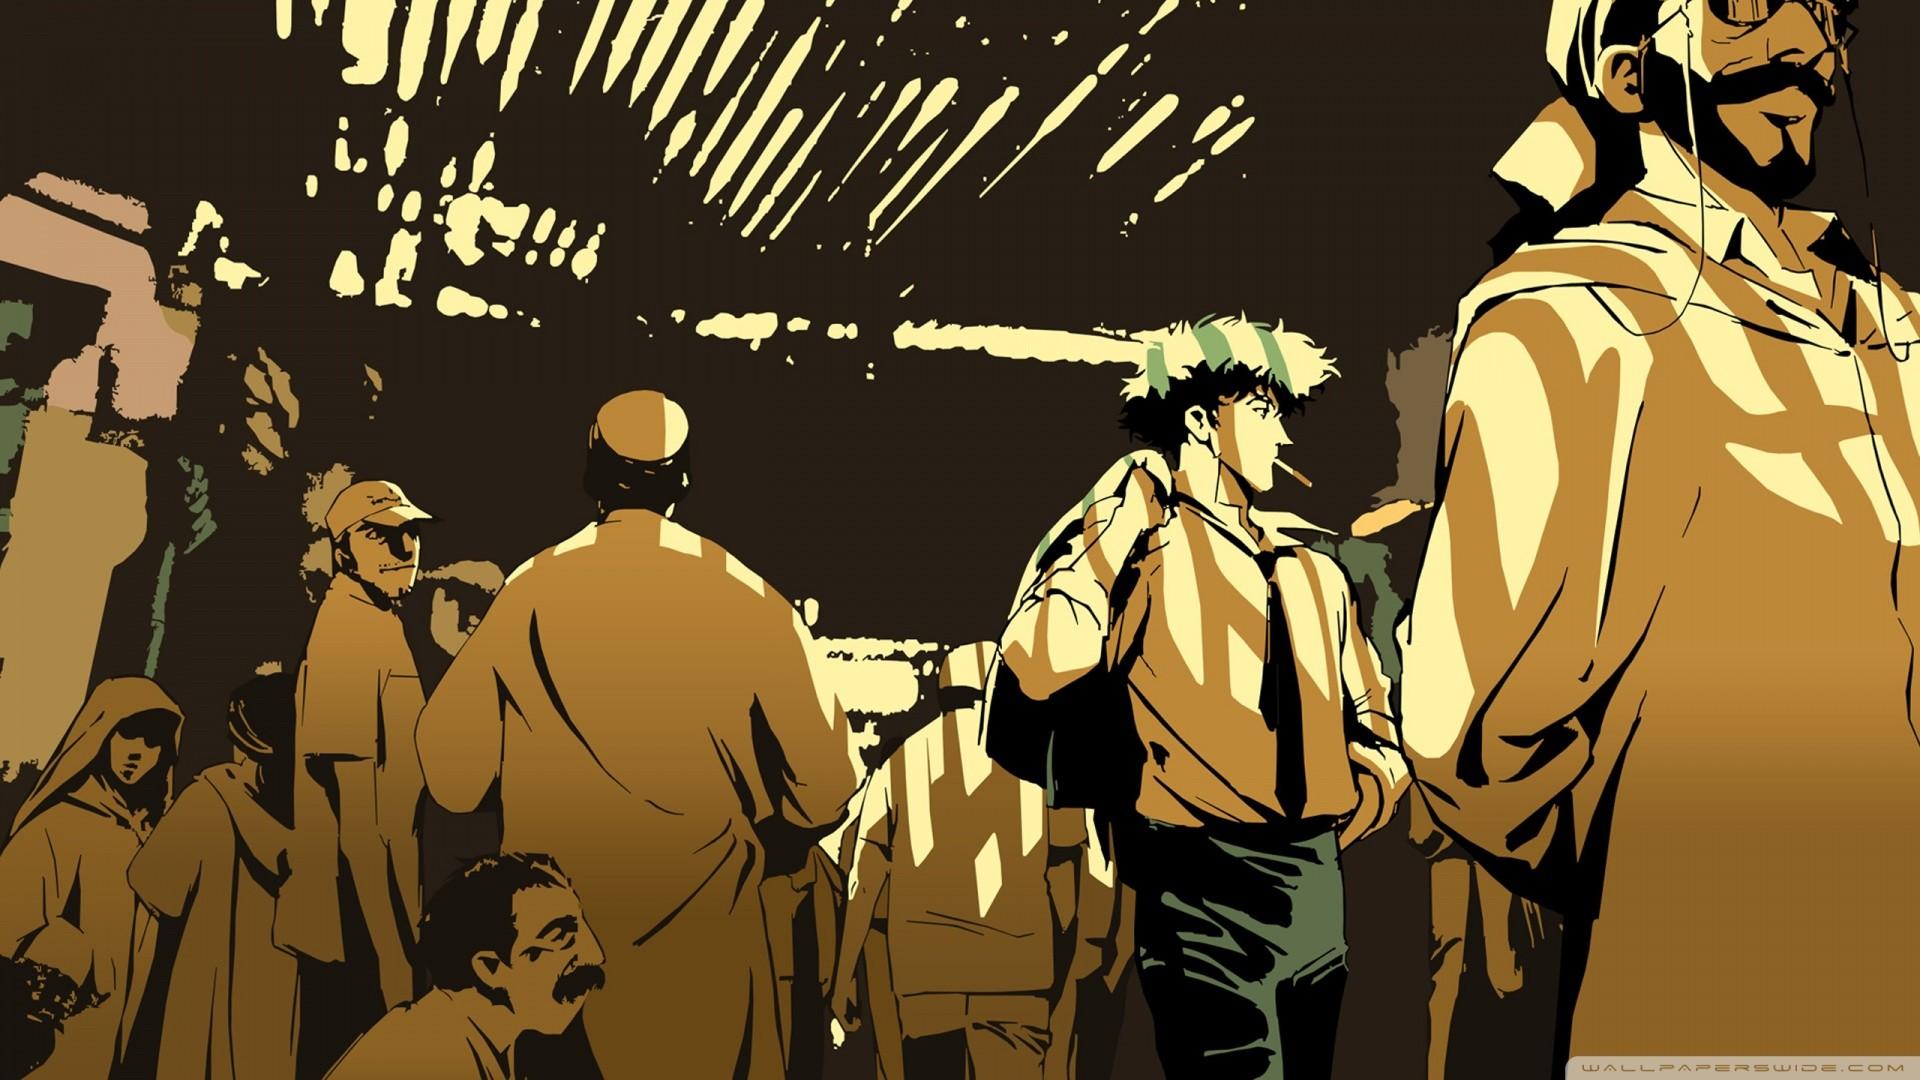 Cowboy Bebop Wallpaper 1920x1080 42 Images